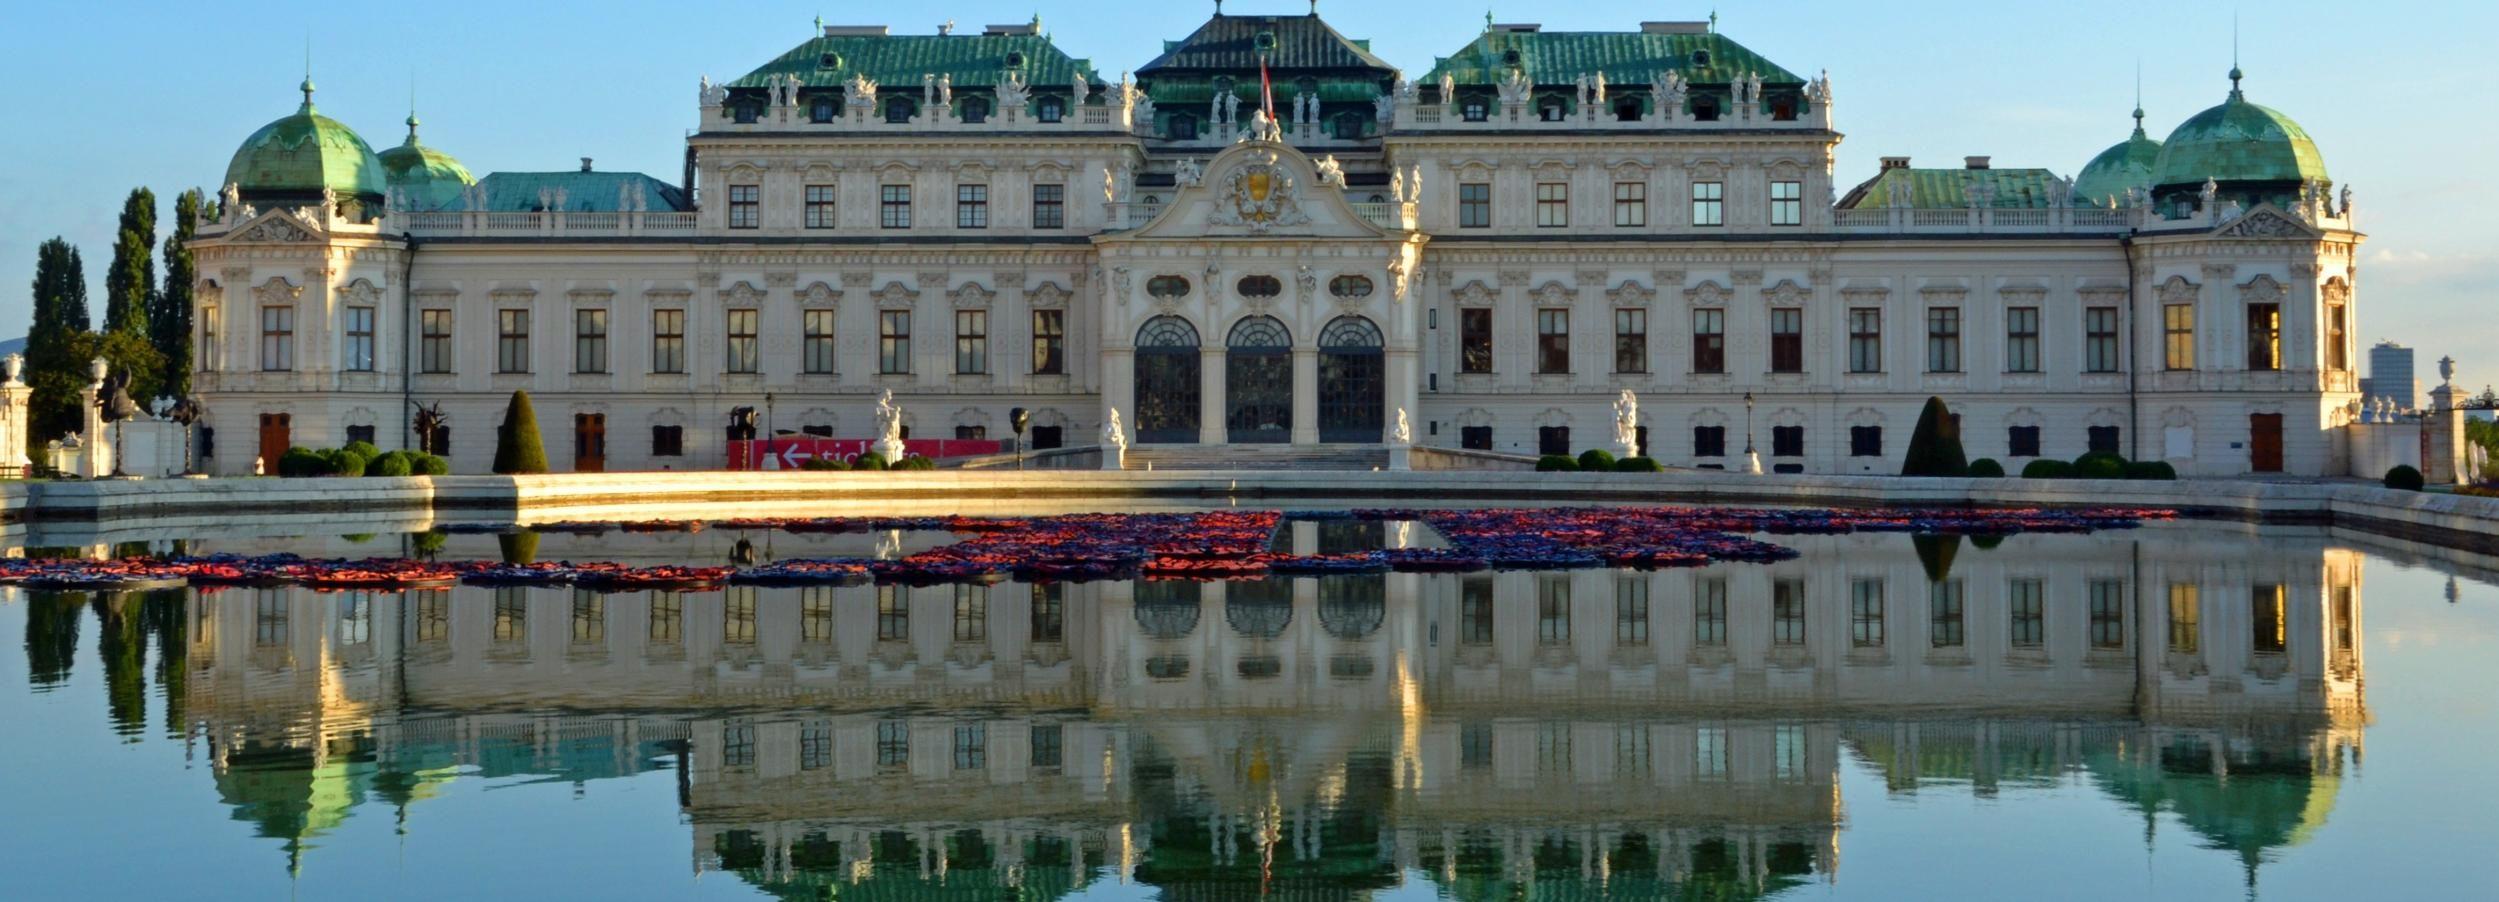 Excursão Particular de Boas Vindas a Viena com Guia Local